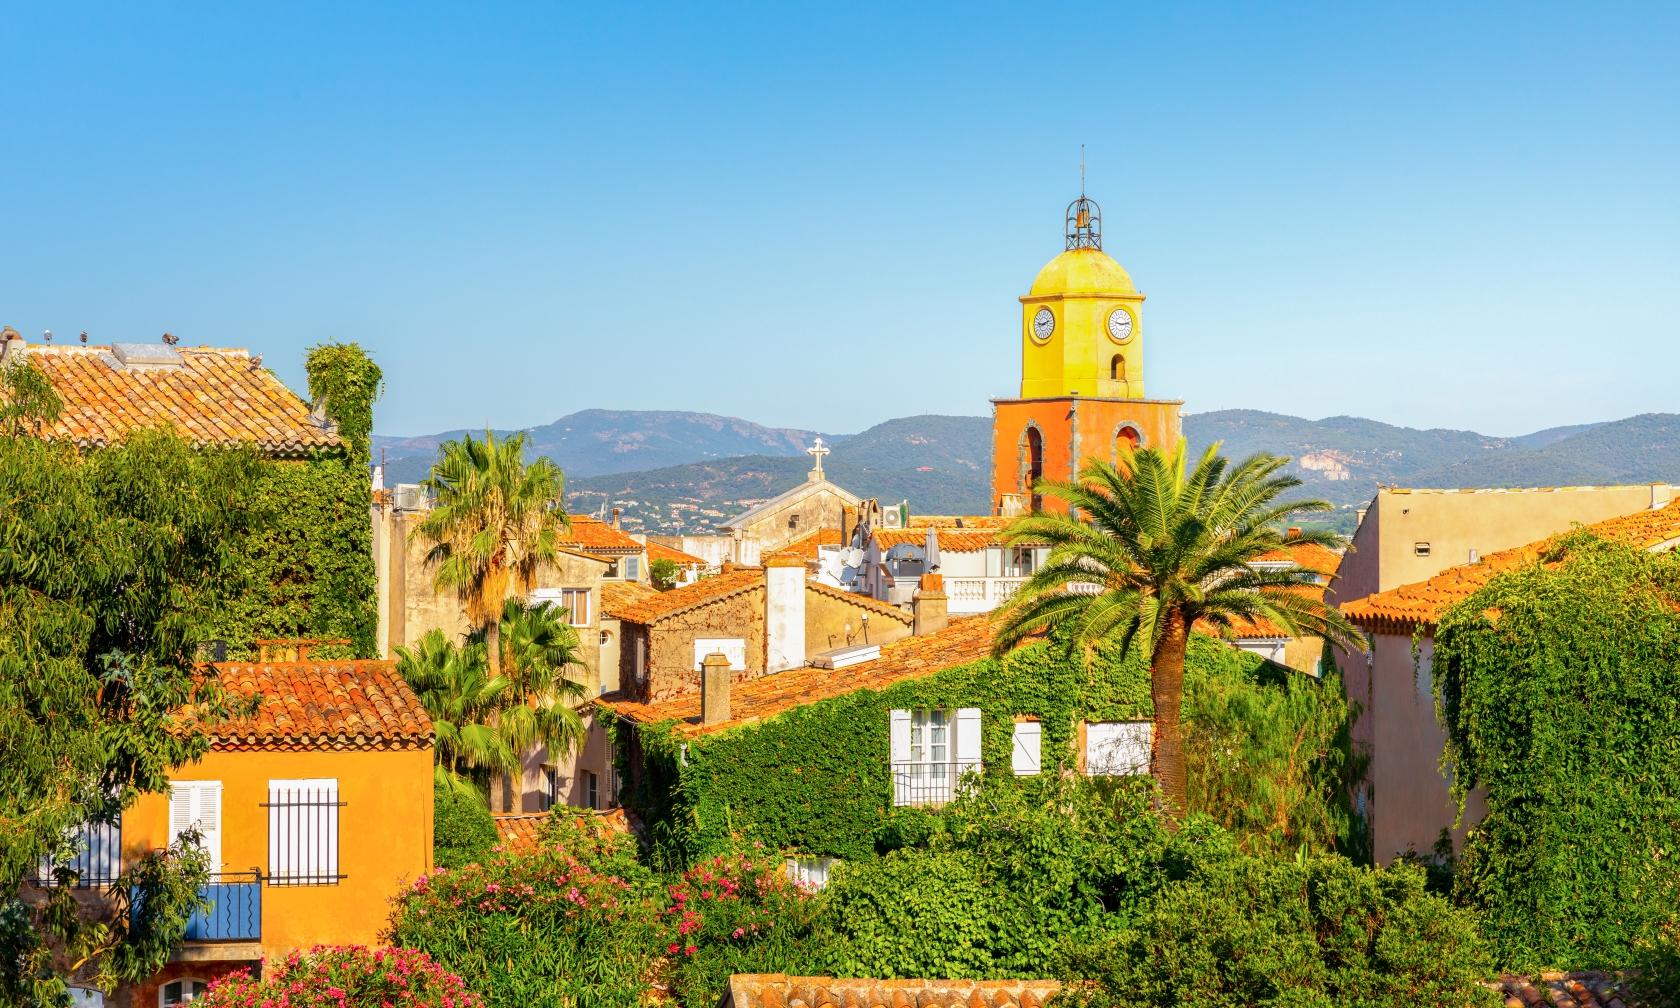 Vacation rentals in Saint-Tropez